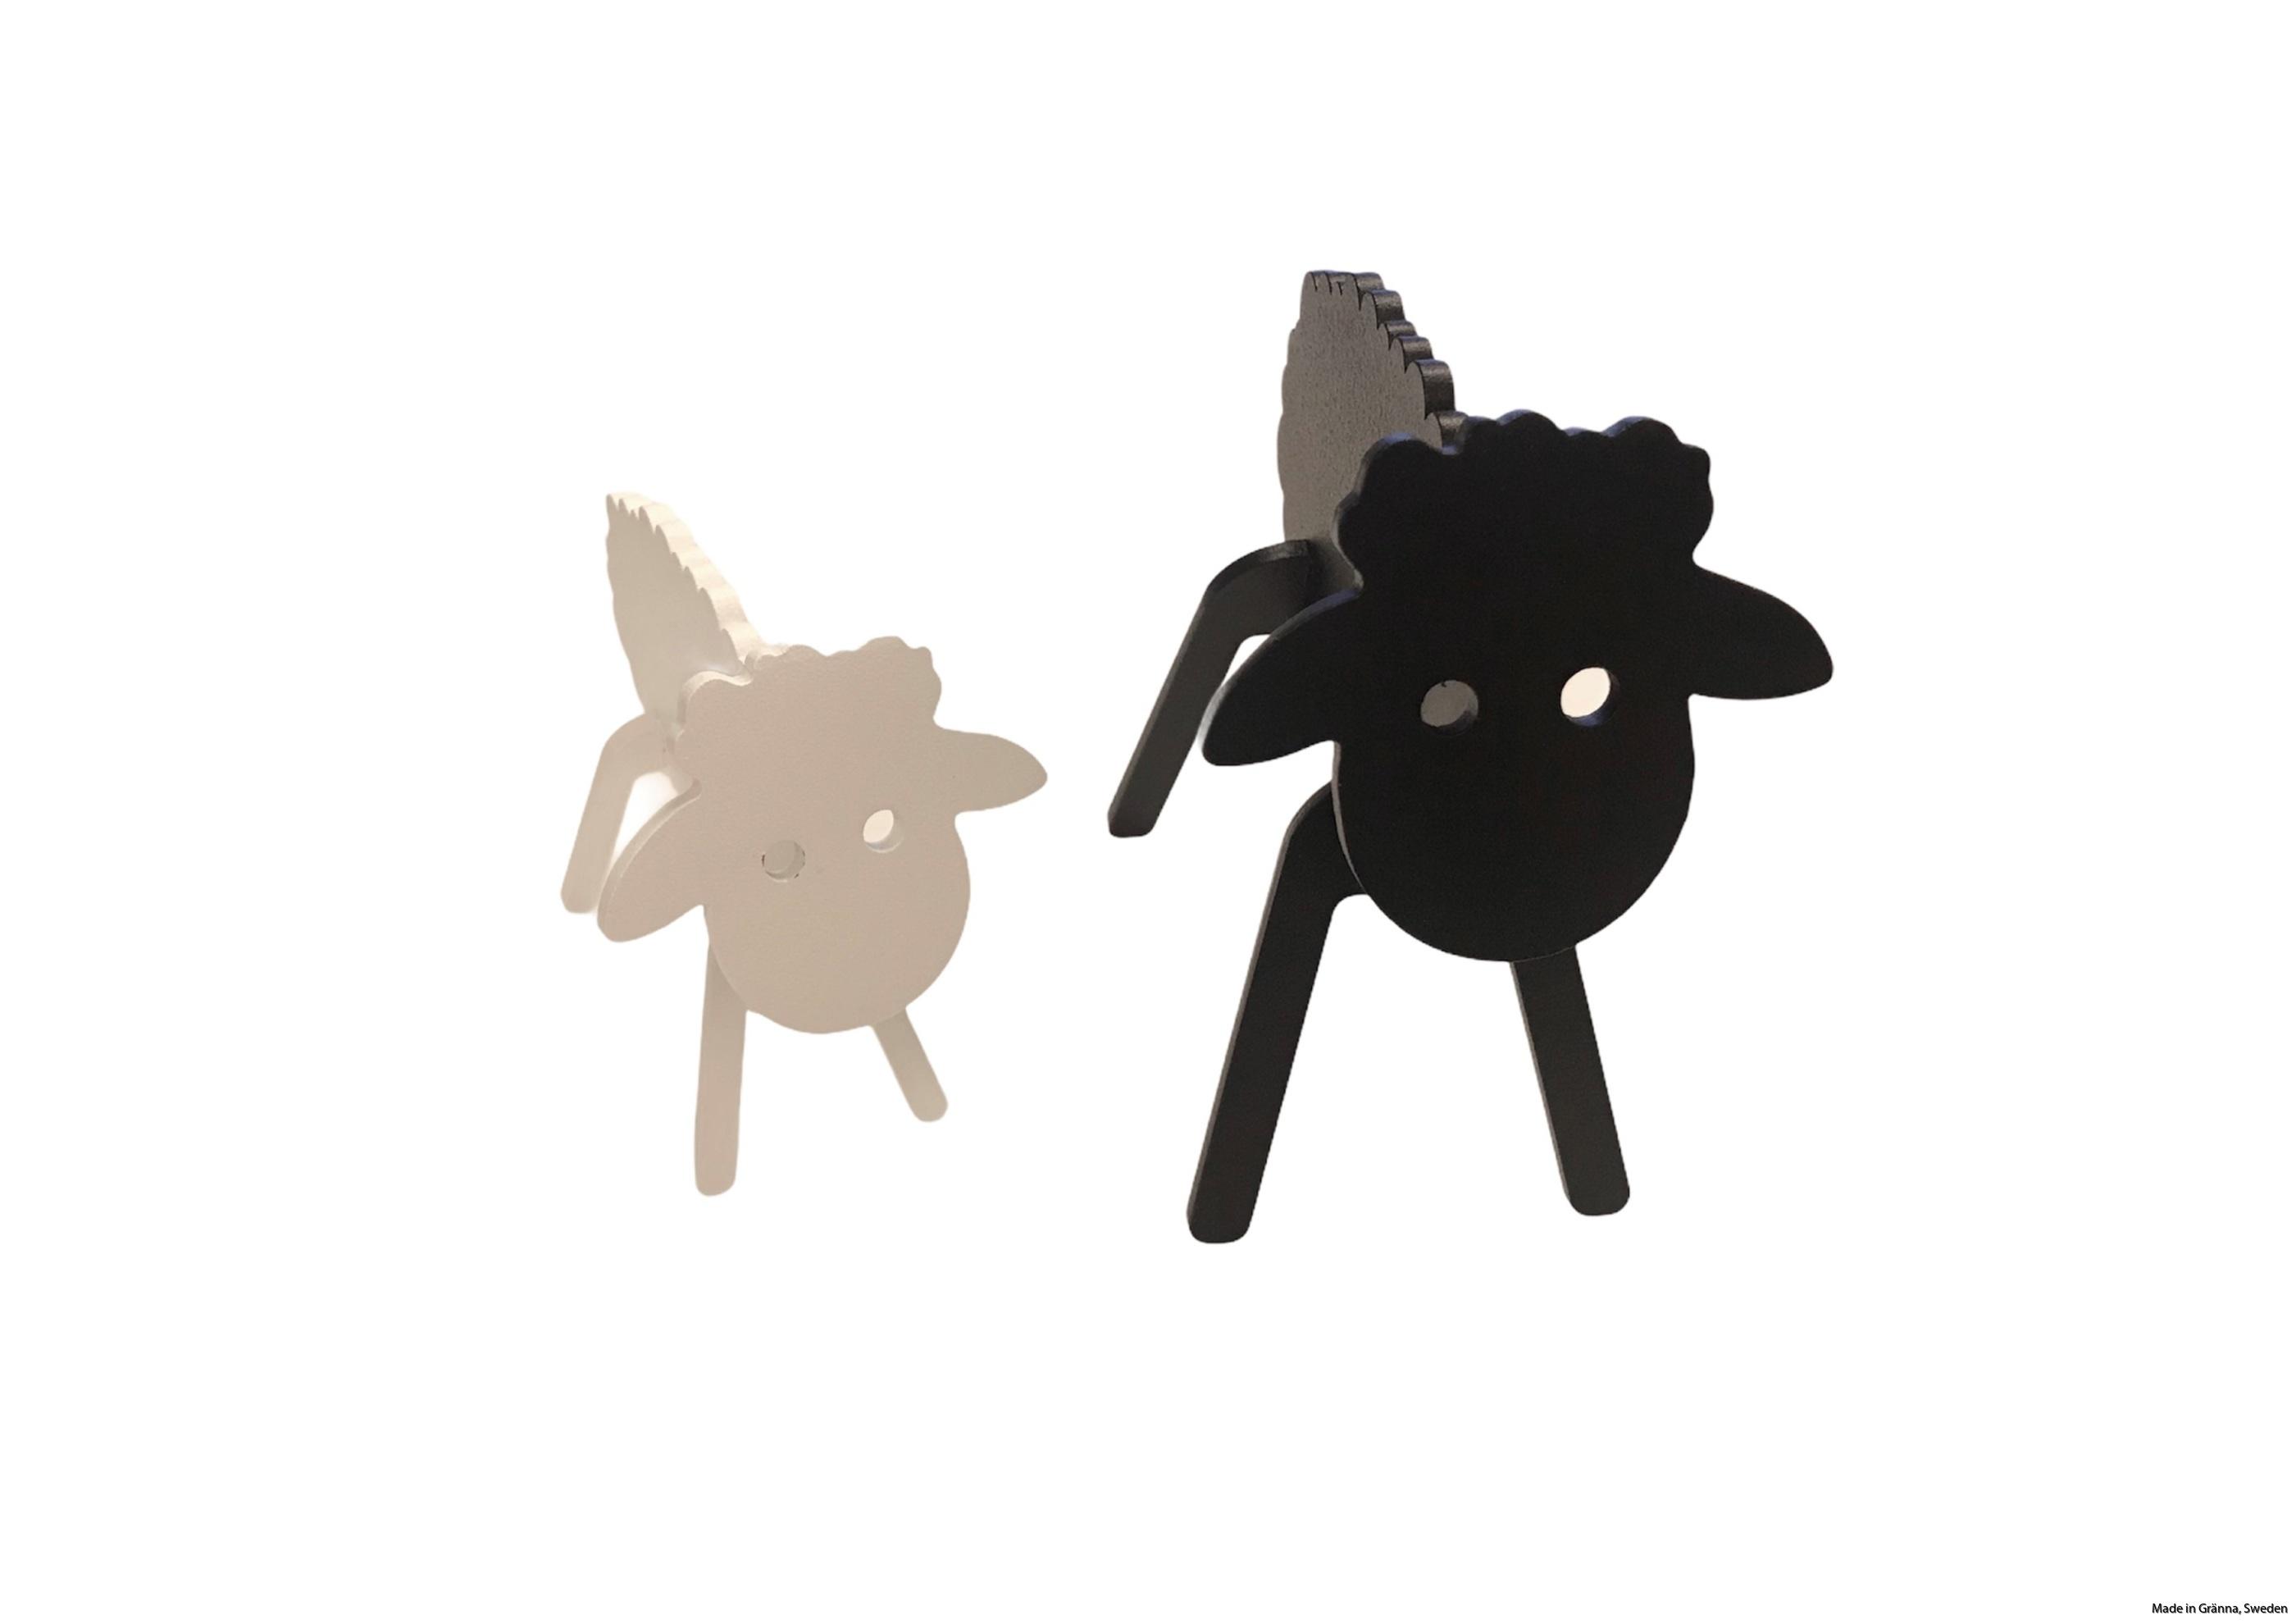 Svart får och vitt lamm